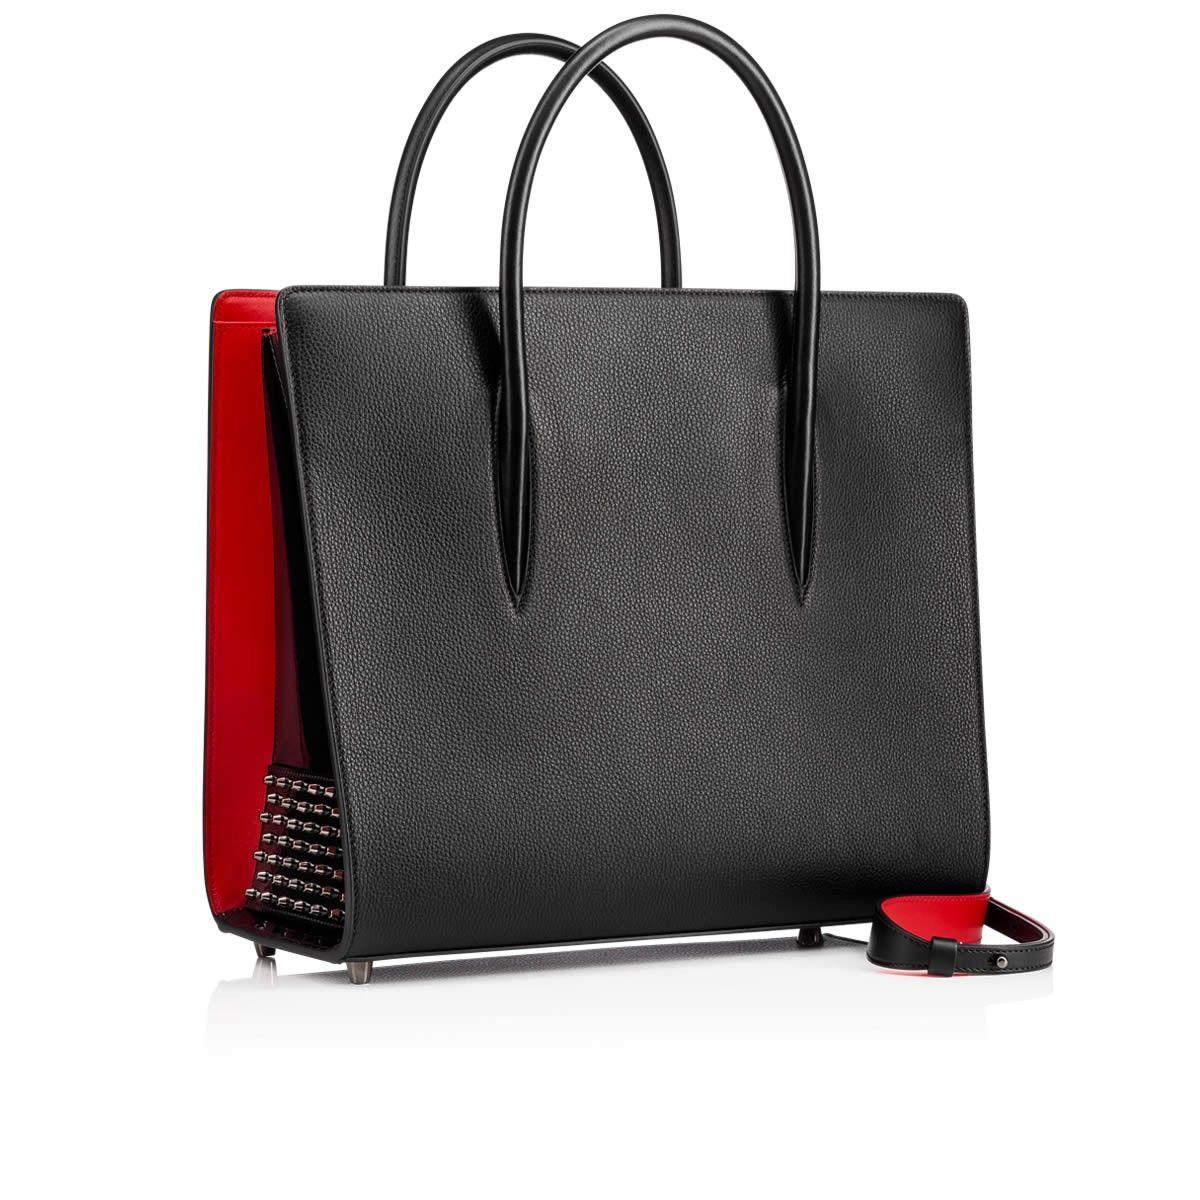 53730be8db4e Bags - Paloma Large Tote Bag - Christian Louboutin